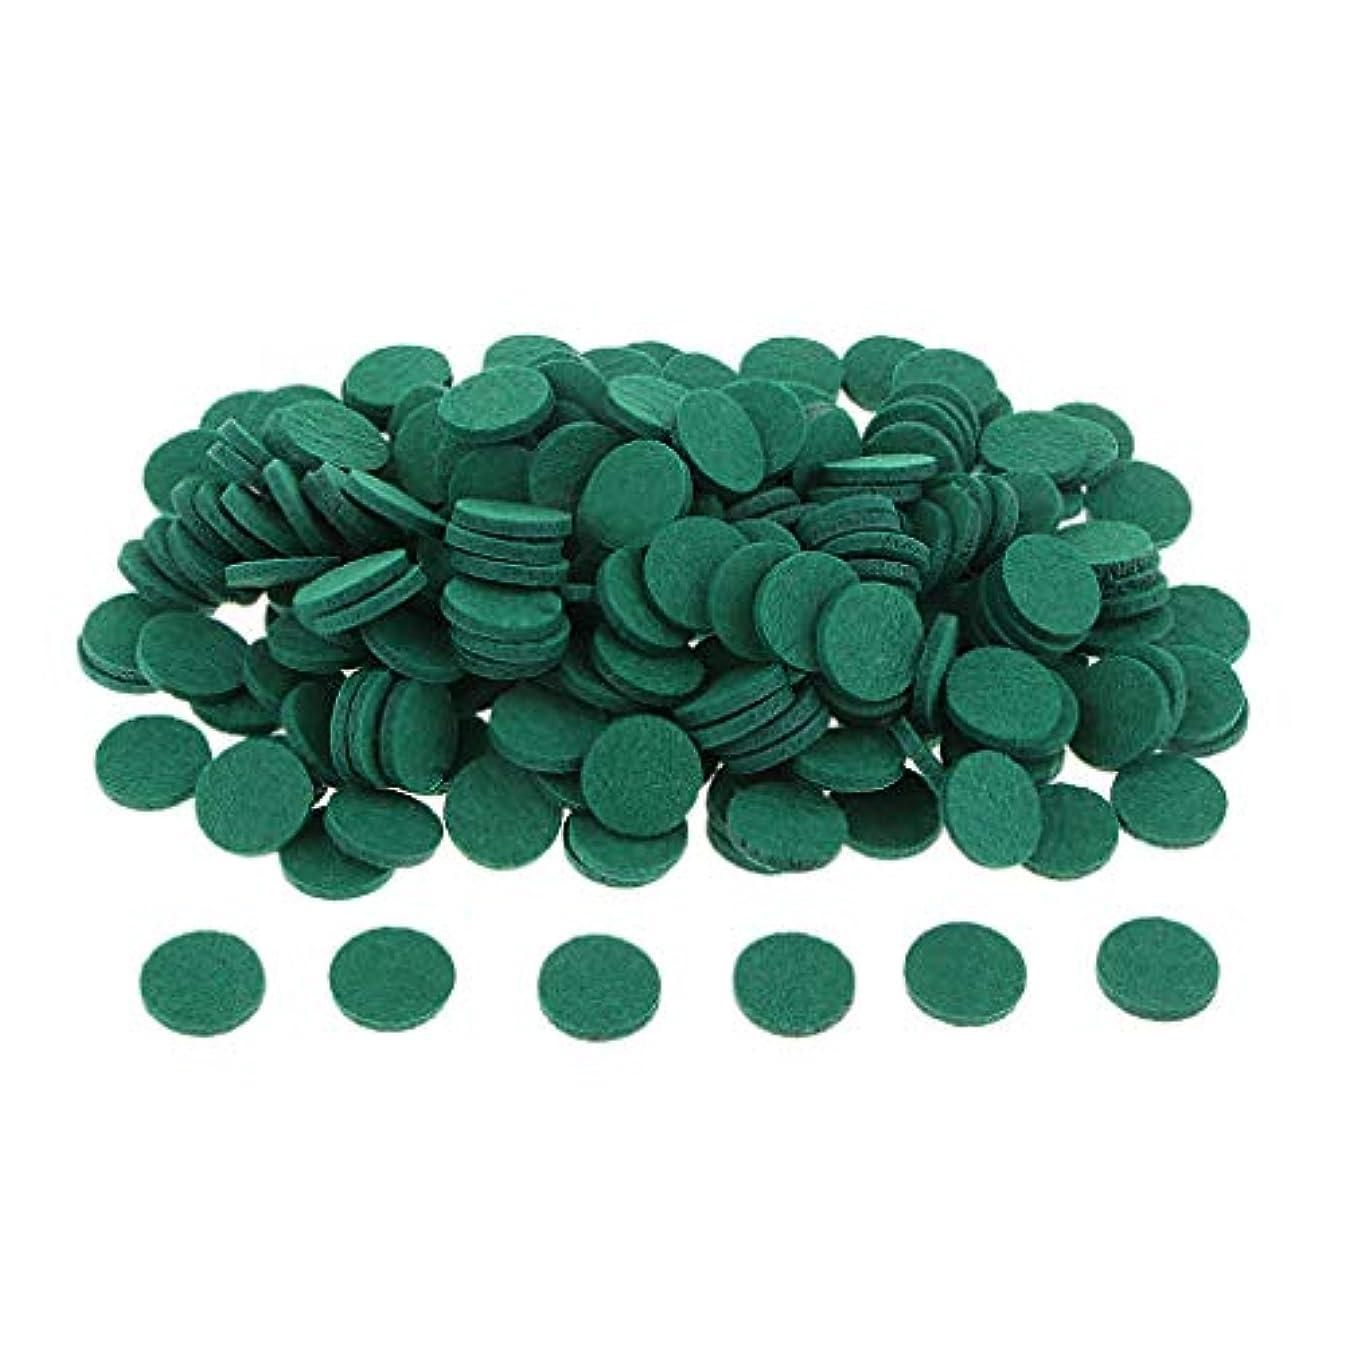 ロッカーいくつかの首尾一貫したgazechimp 約200個入り 詰め替えパッド アロマオイルパッド パッド 詰め替え エッセンシャルオイル 部屋 全11色 - 緑